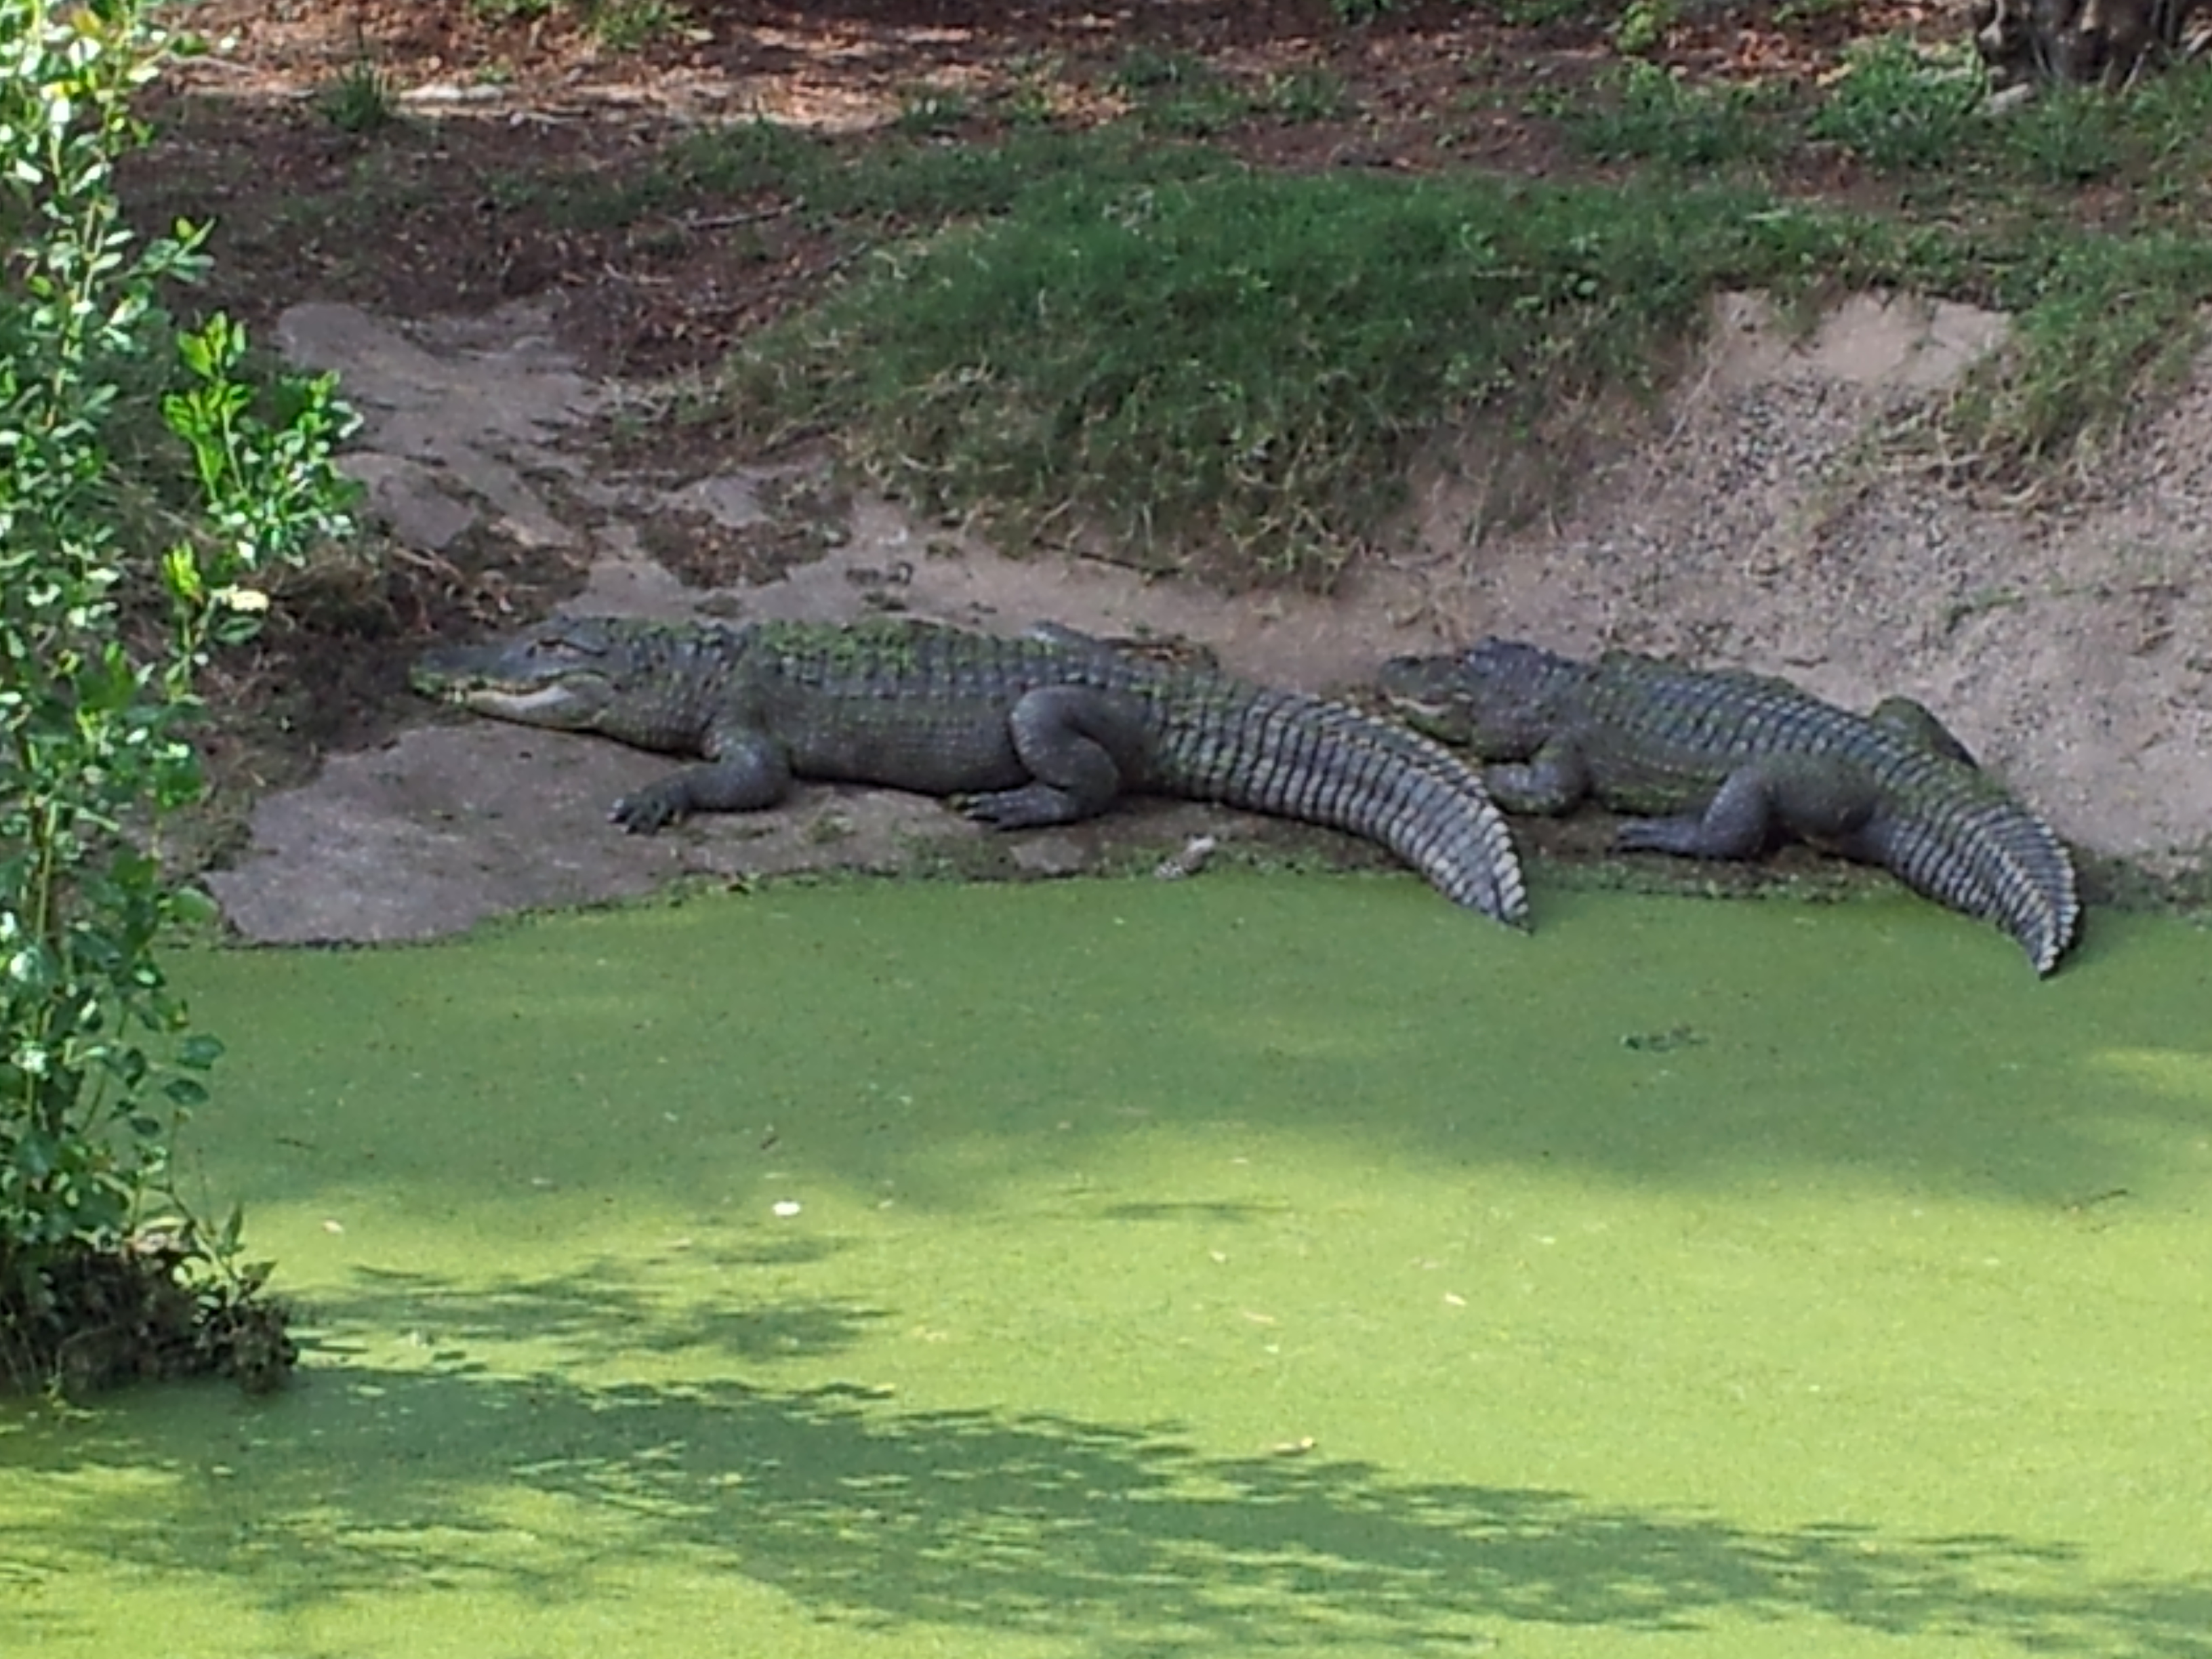 FileAmerican Alligators Alligator Mississippiensis At